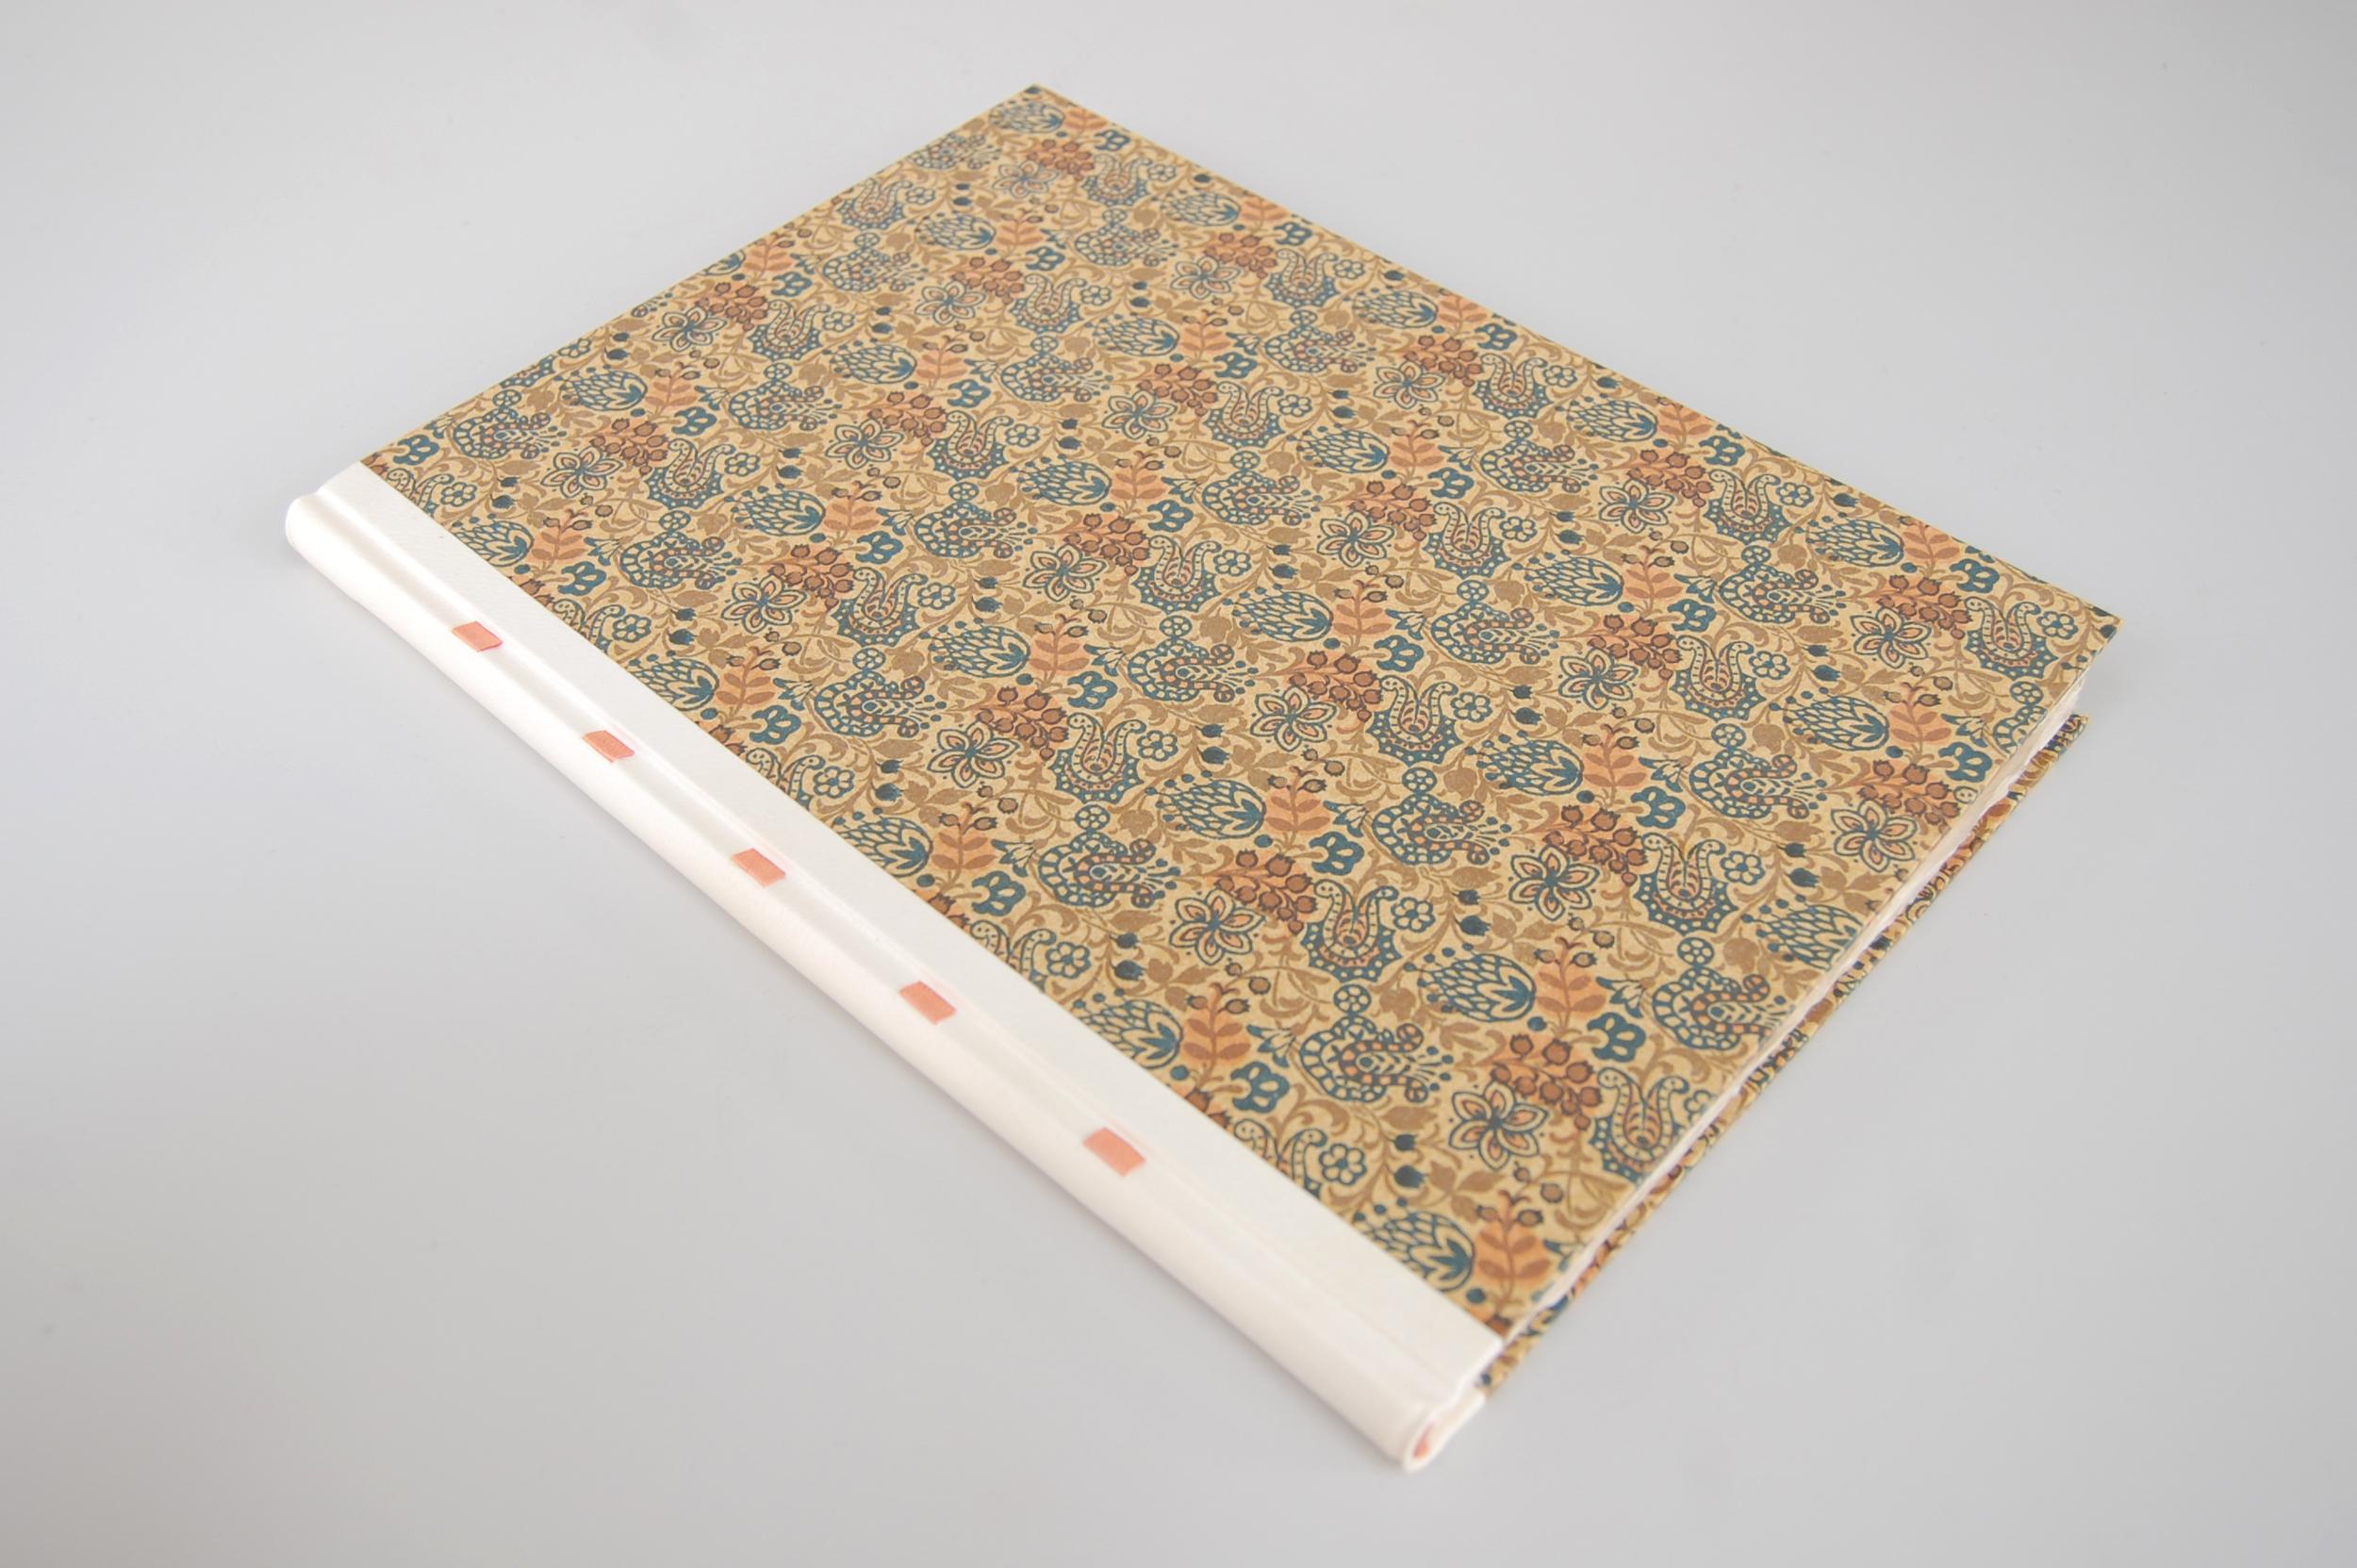 Chris sketchbook 2.jpg